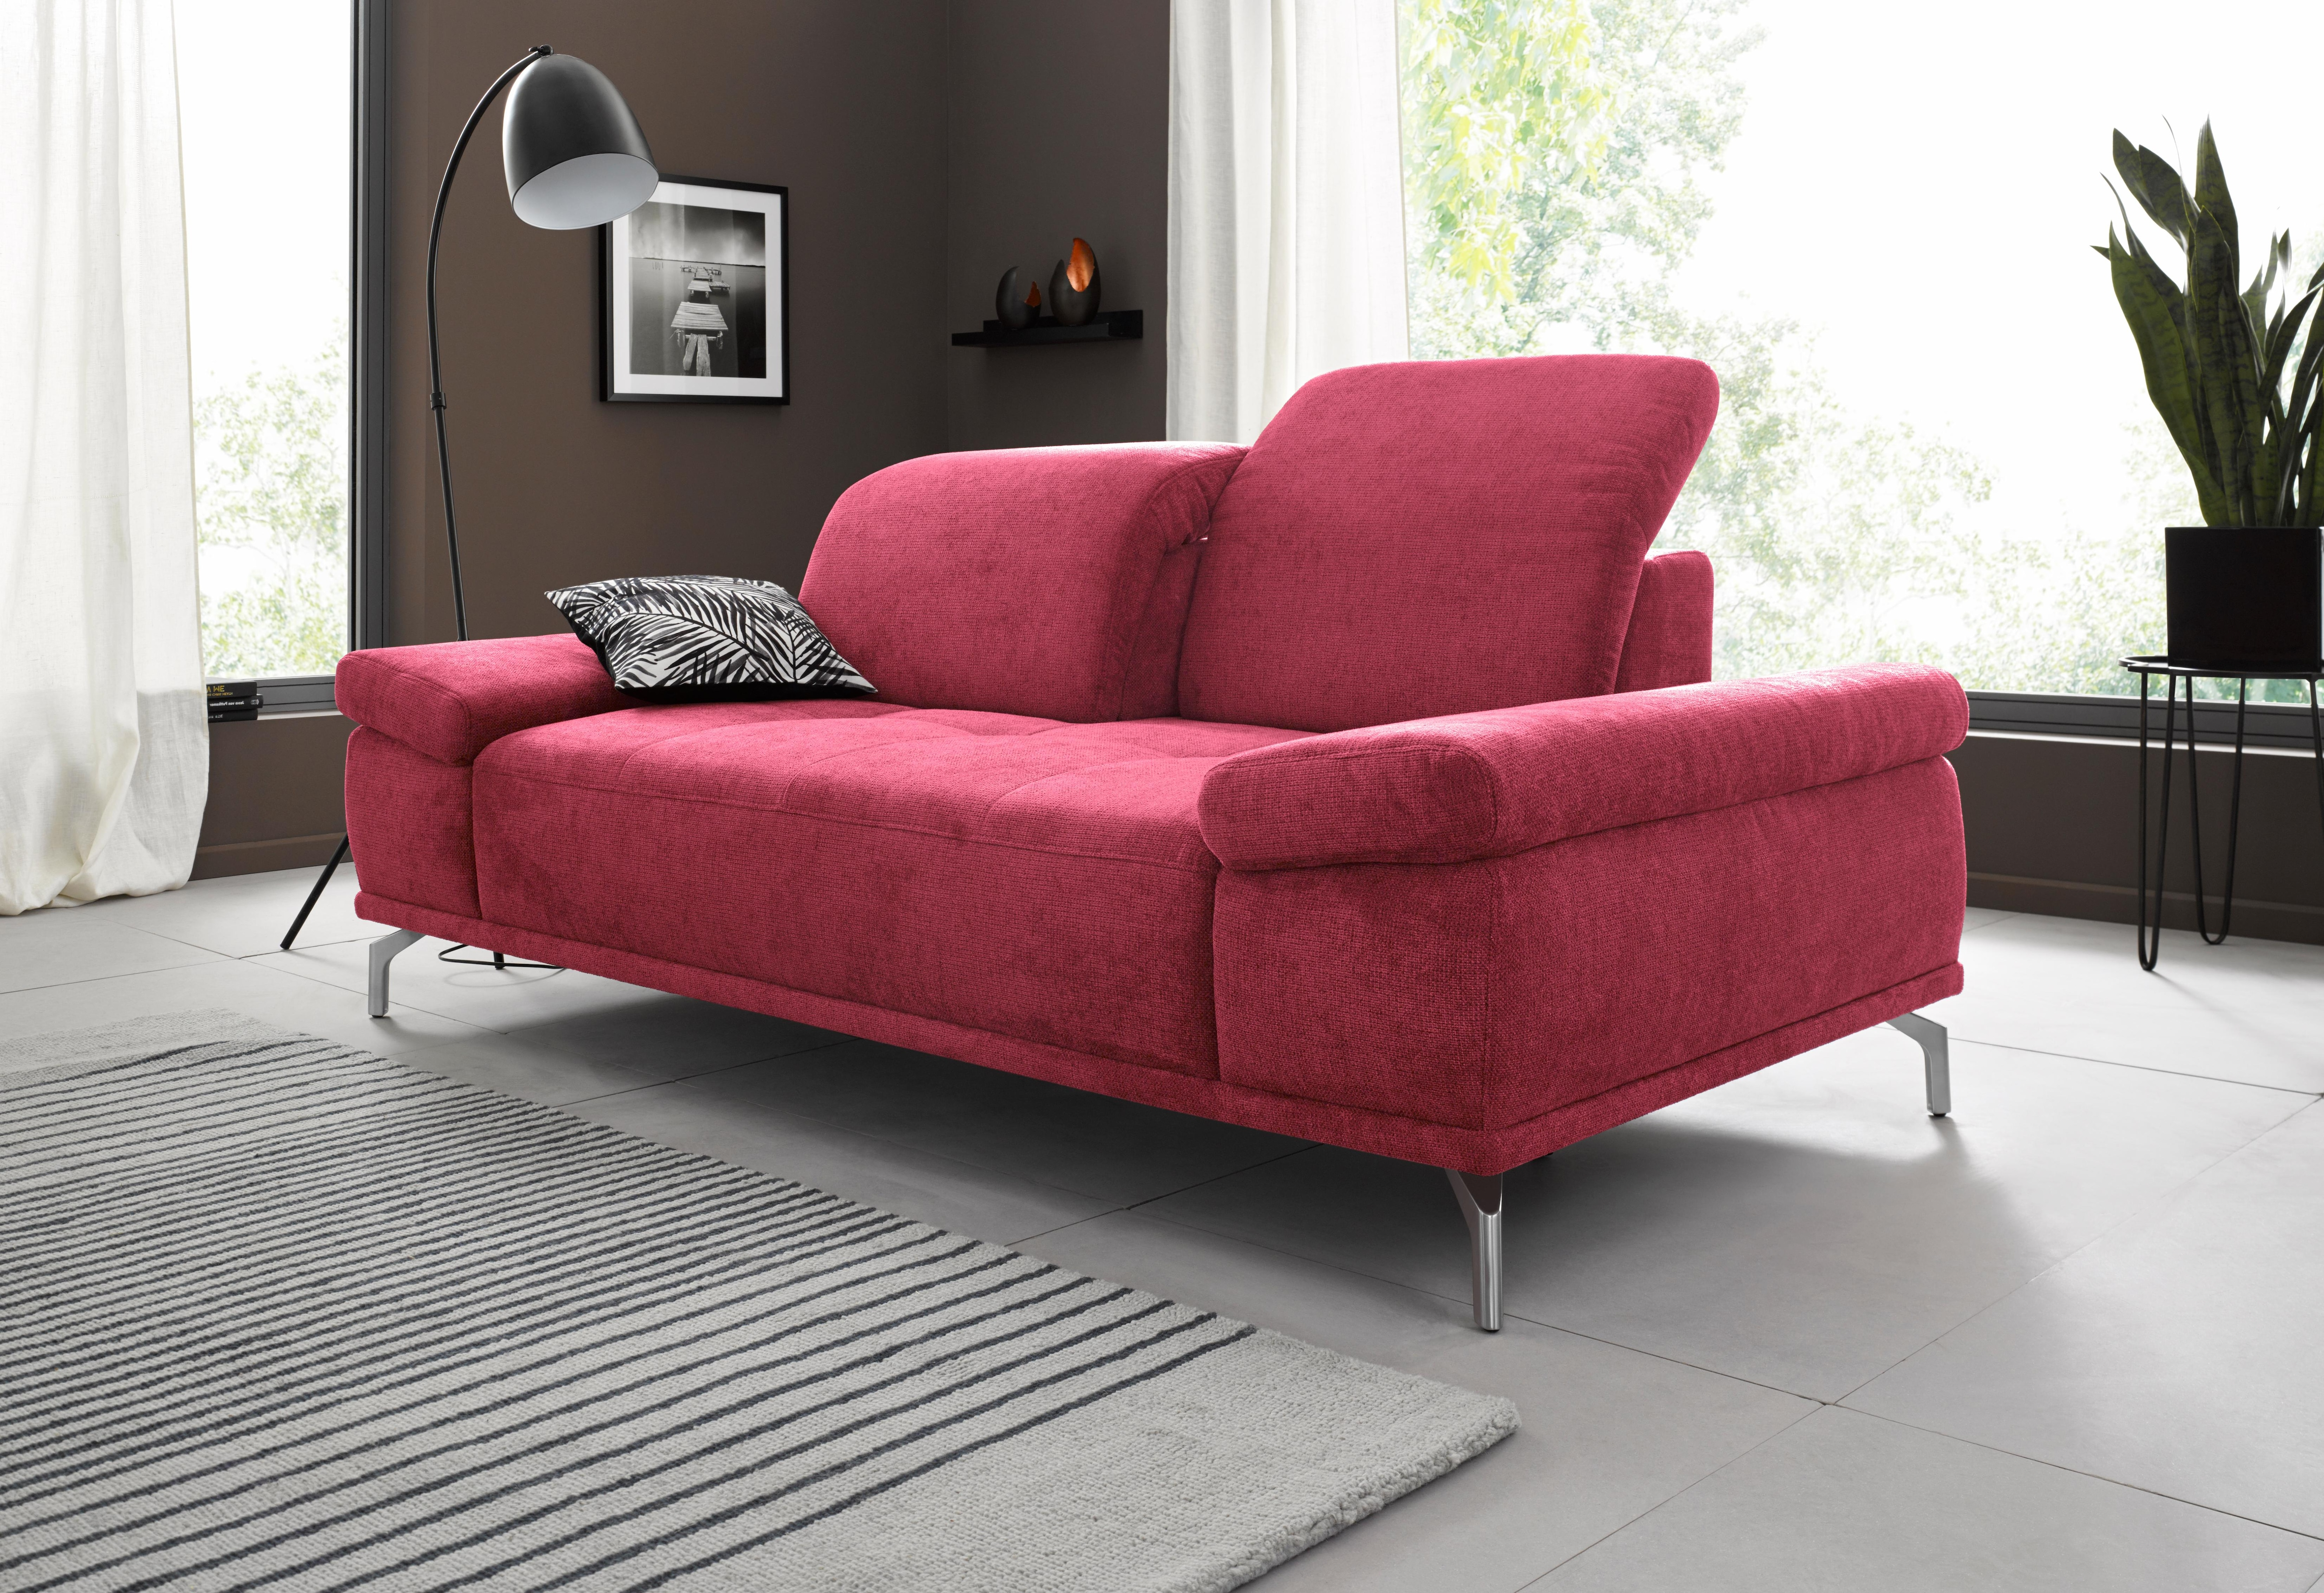 rot-mikrofaser 2 & 3 Sitzer Sofas online kaufen | Möbel-Suchmaschine ...